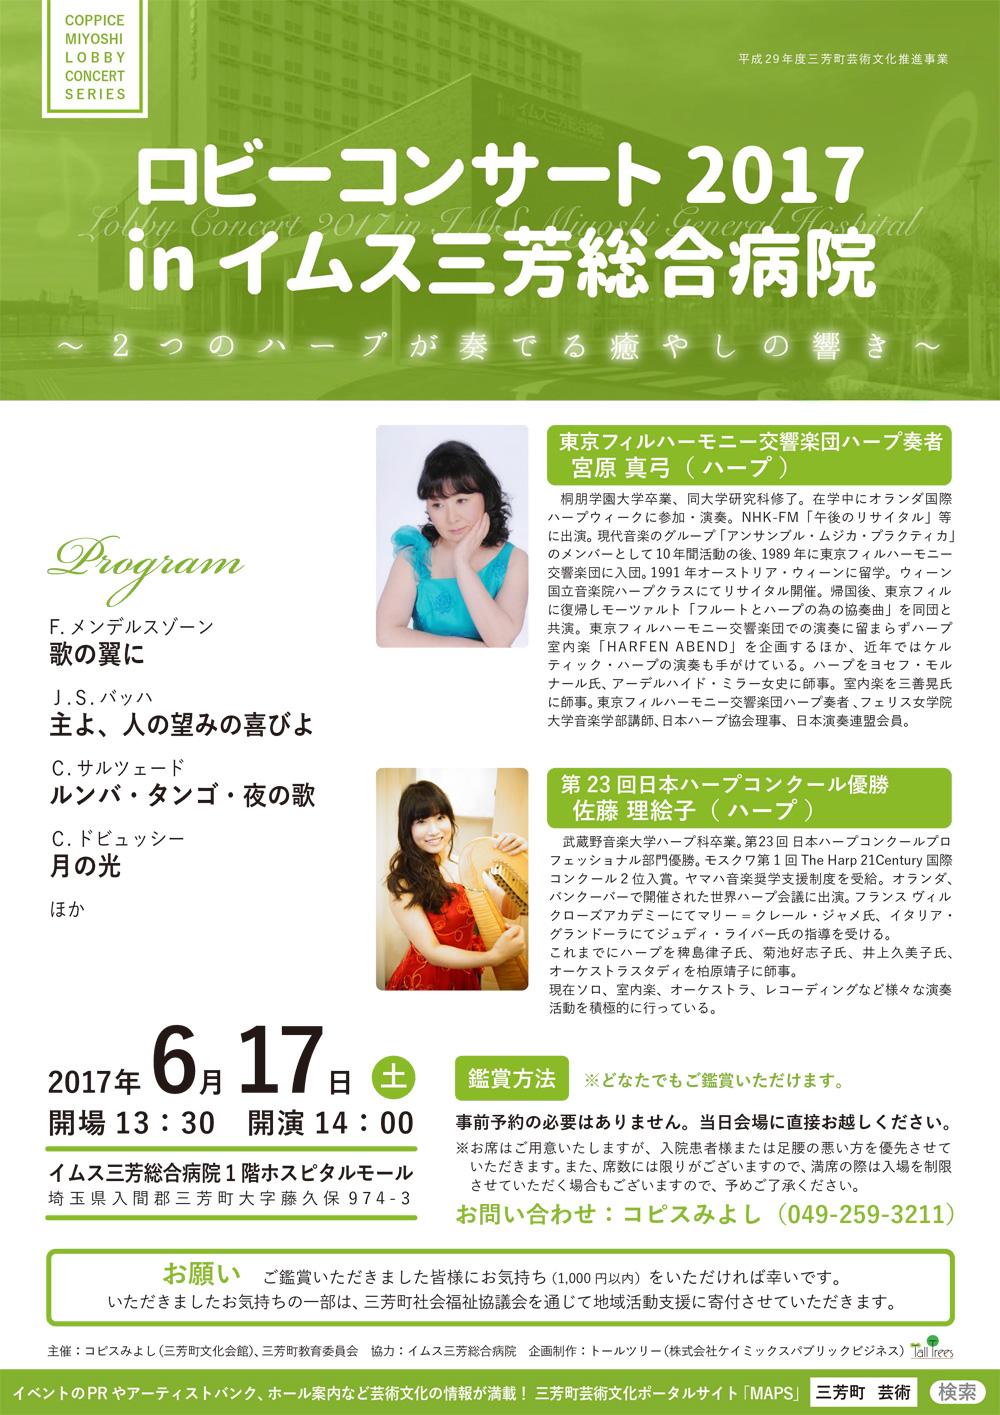 ロビーコンサート2017 in イムス三芳総合病院